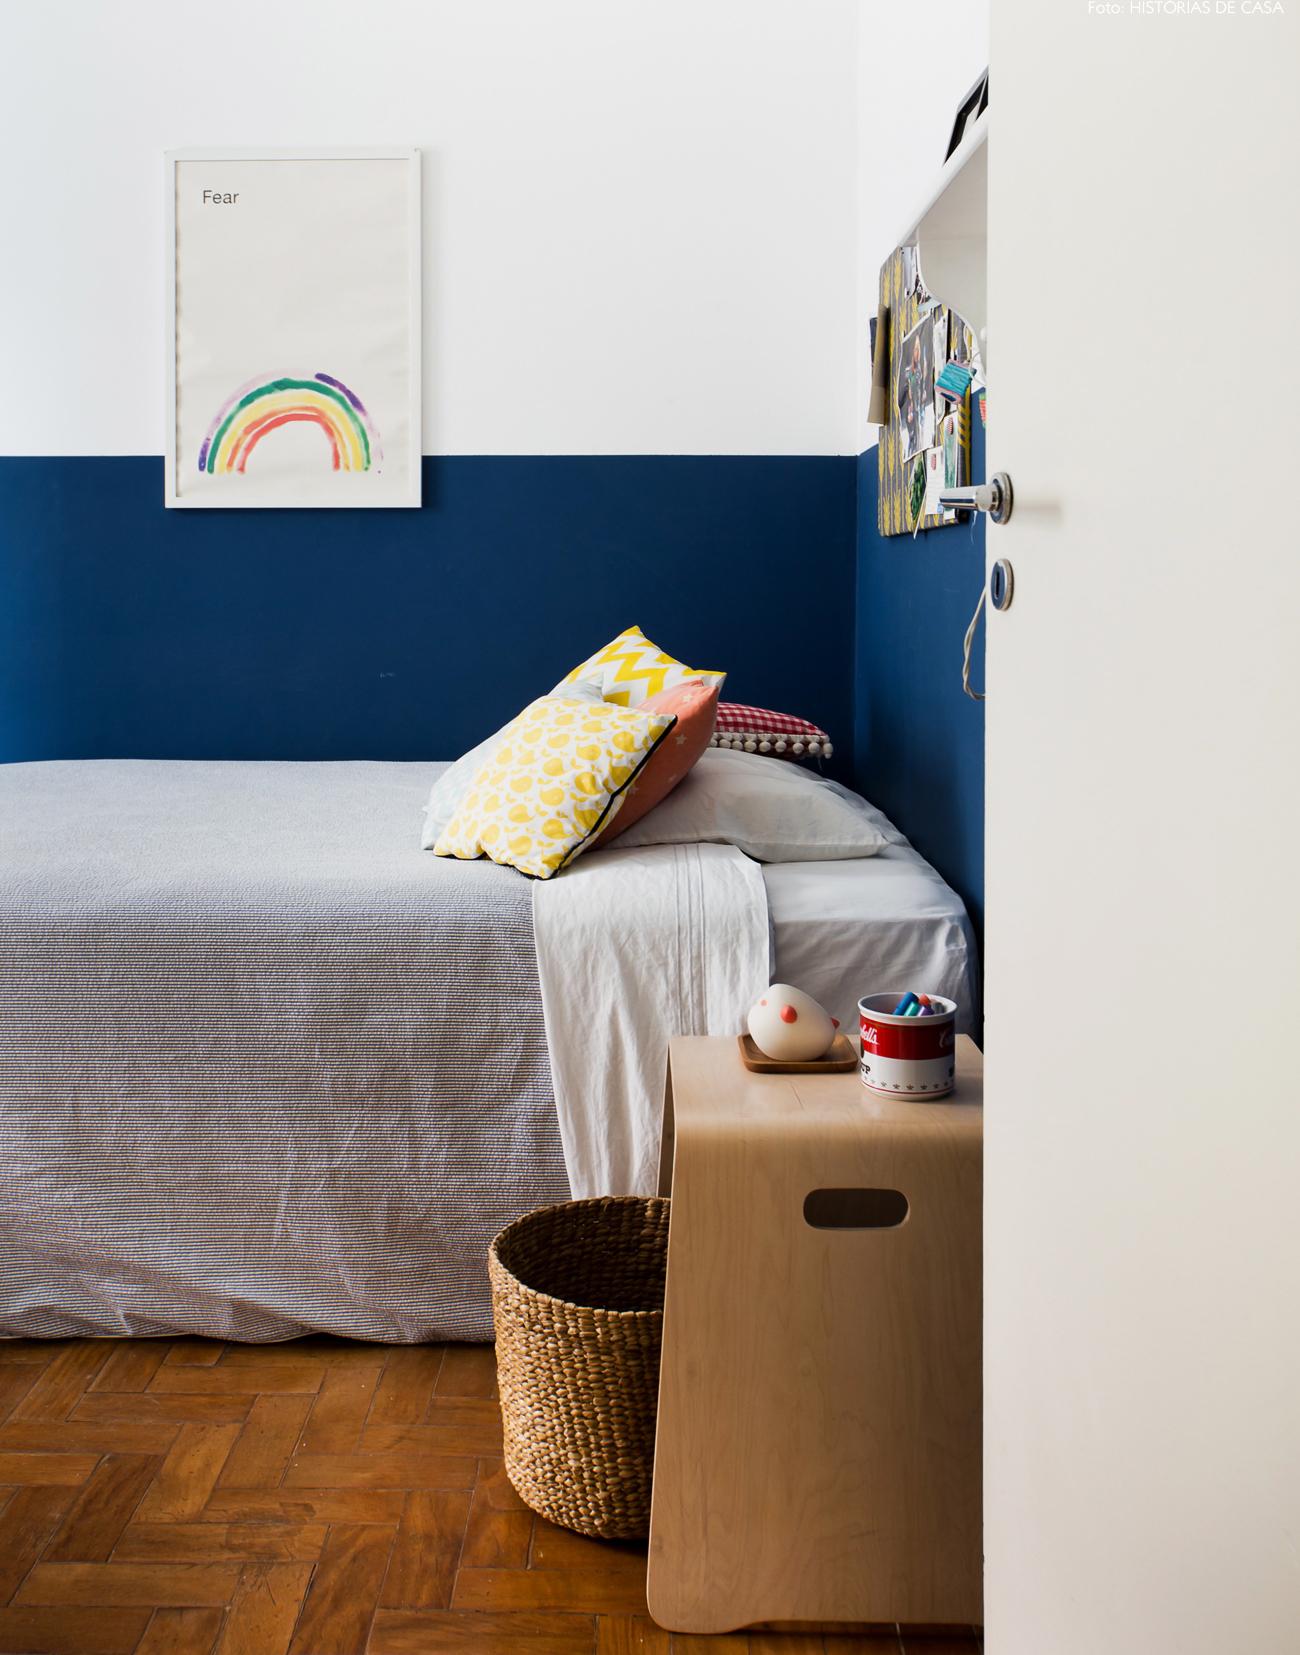 38-decoracao-quarto-crianca-parede-azul-almofadas-estampadas